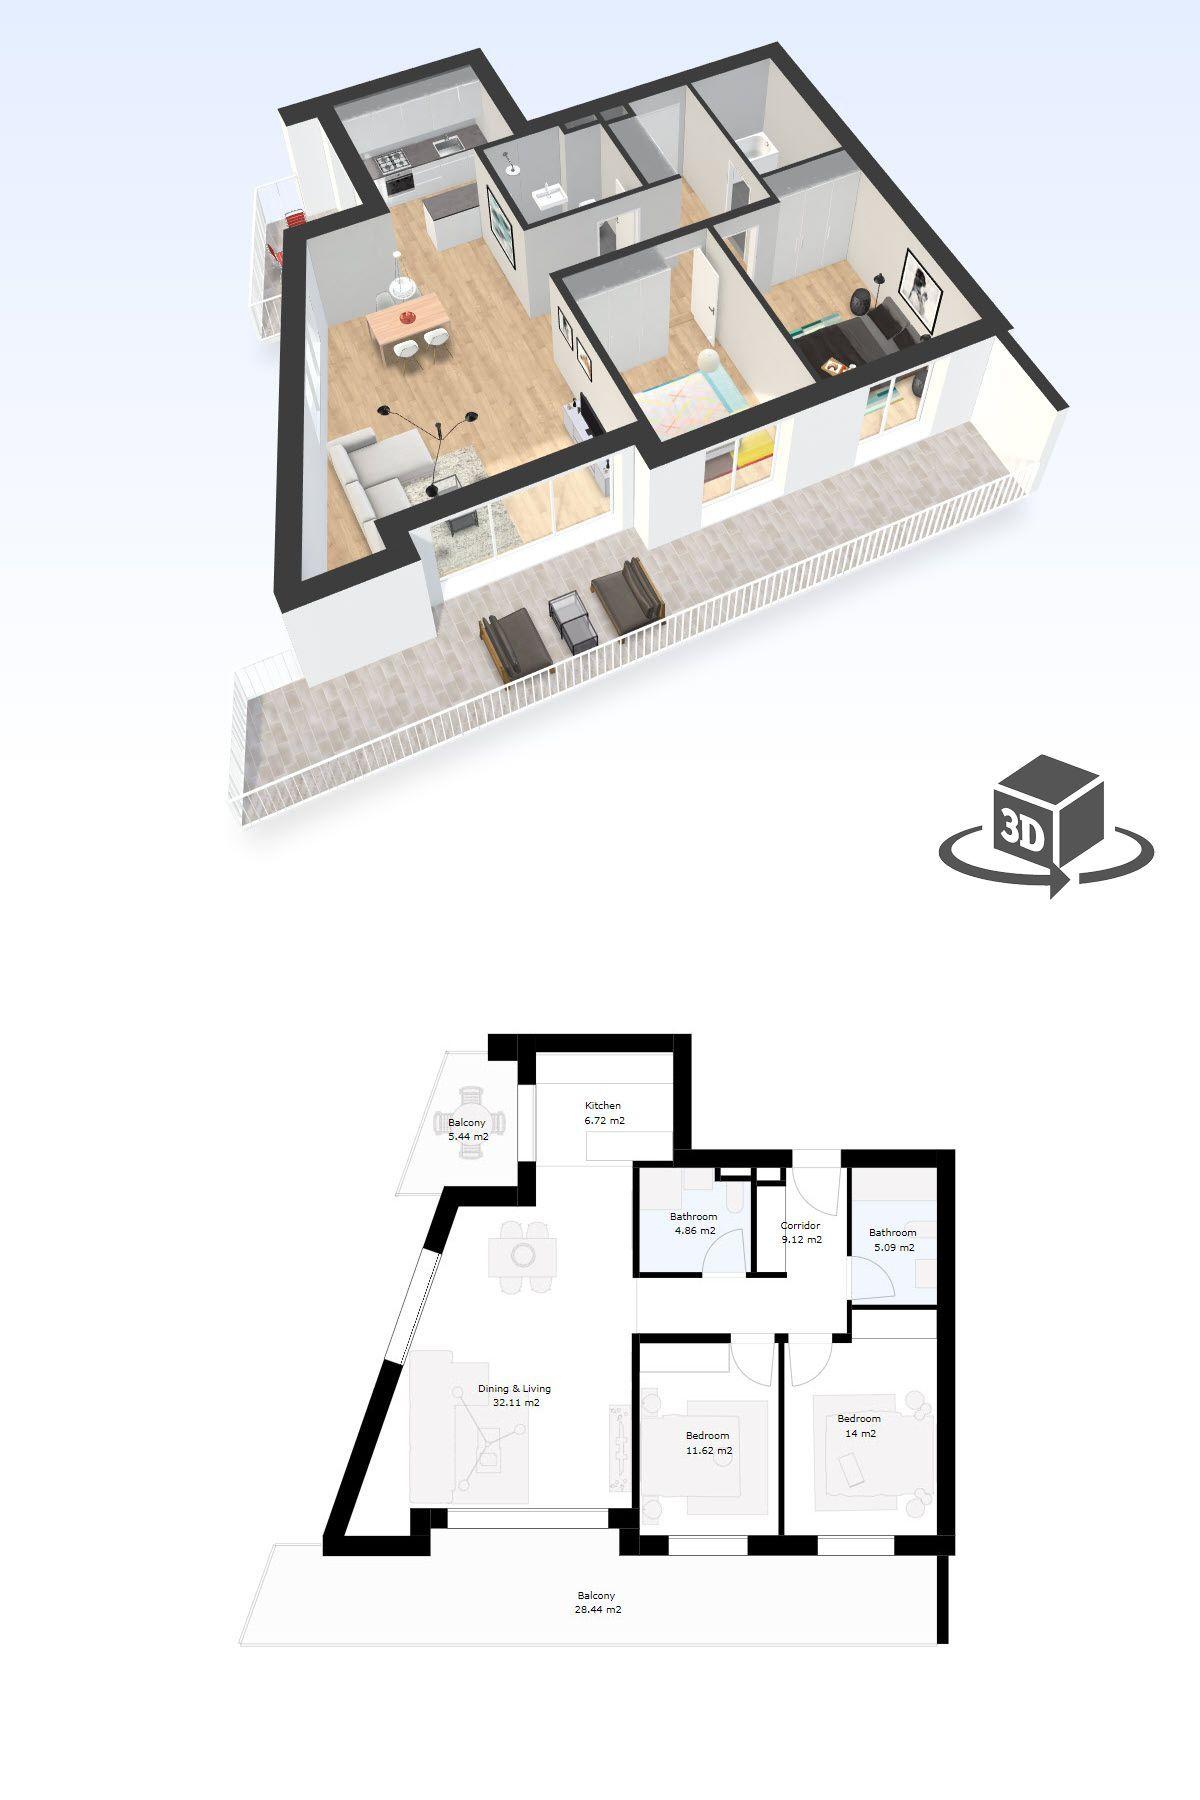 2 bedroom apartment interactive 3D floor plan model